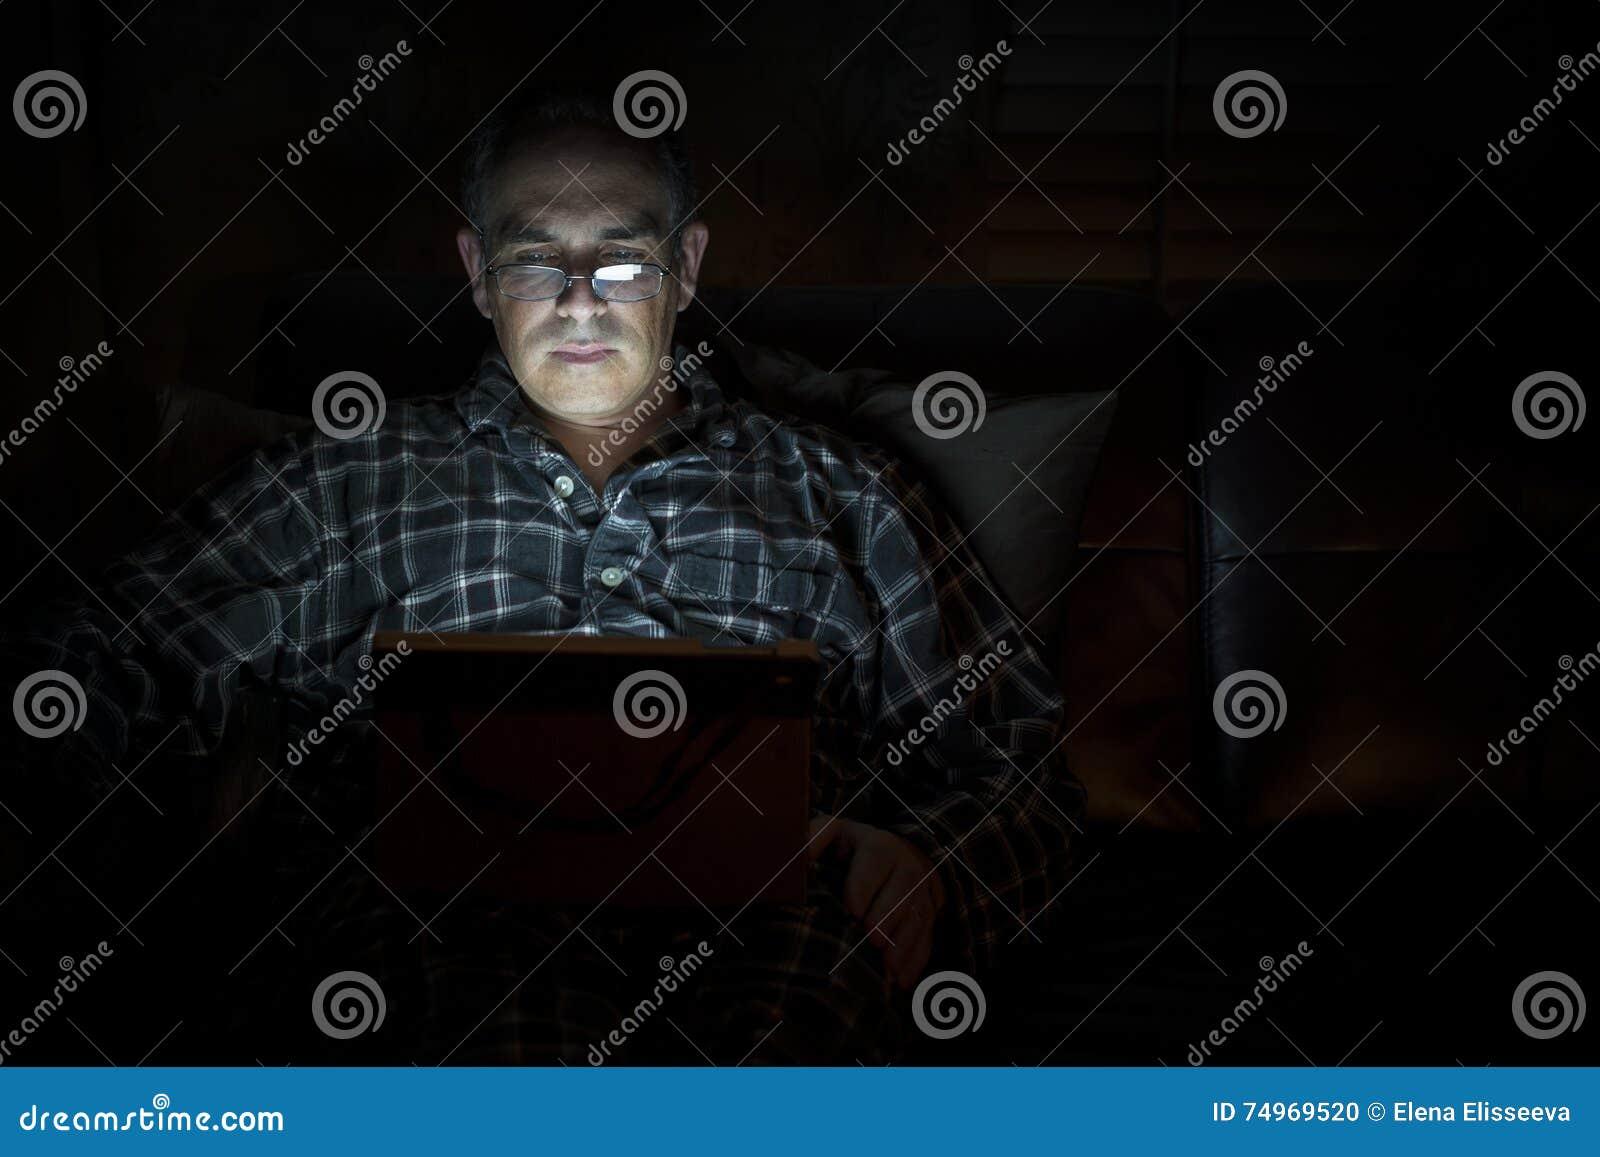 Ταμπλέτα ανάγνωσης ατόμων τη νύχτα